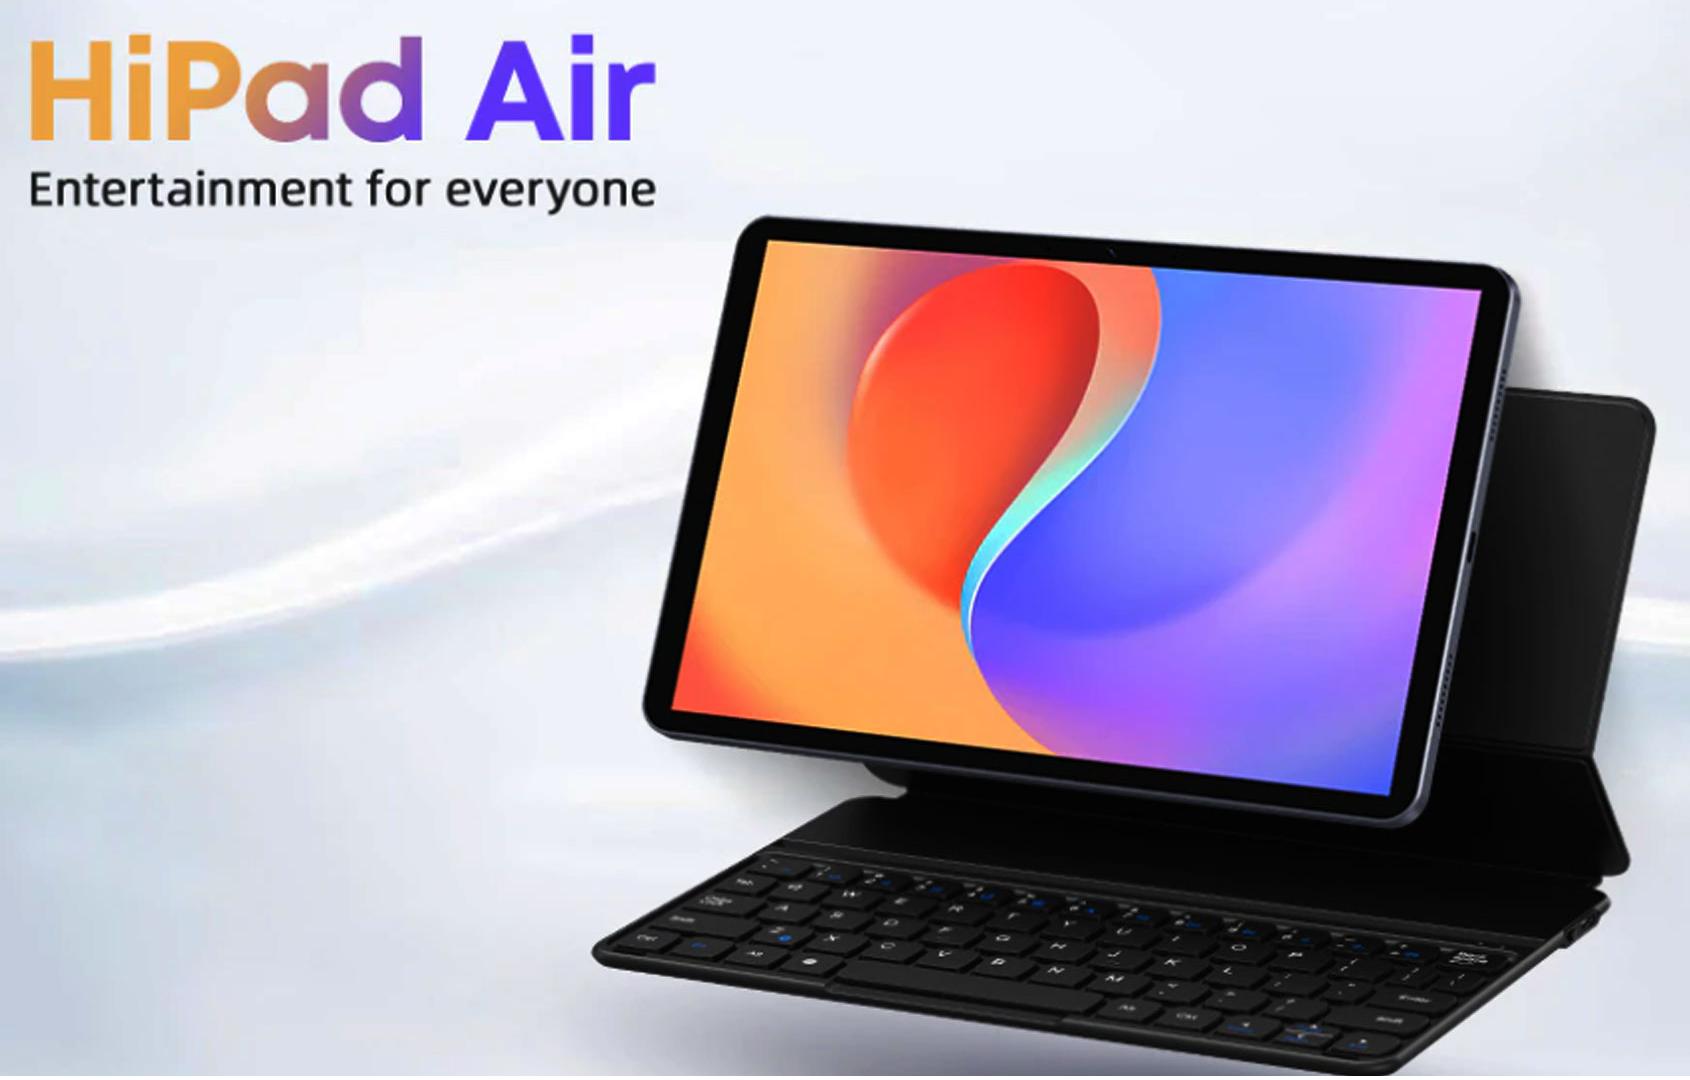 HiPad Air